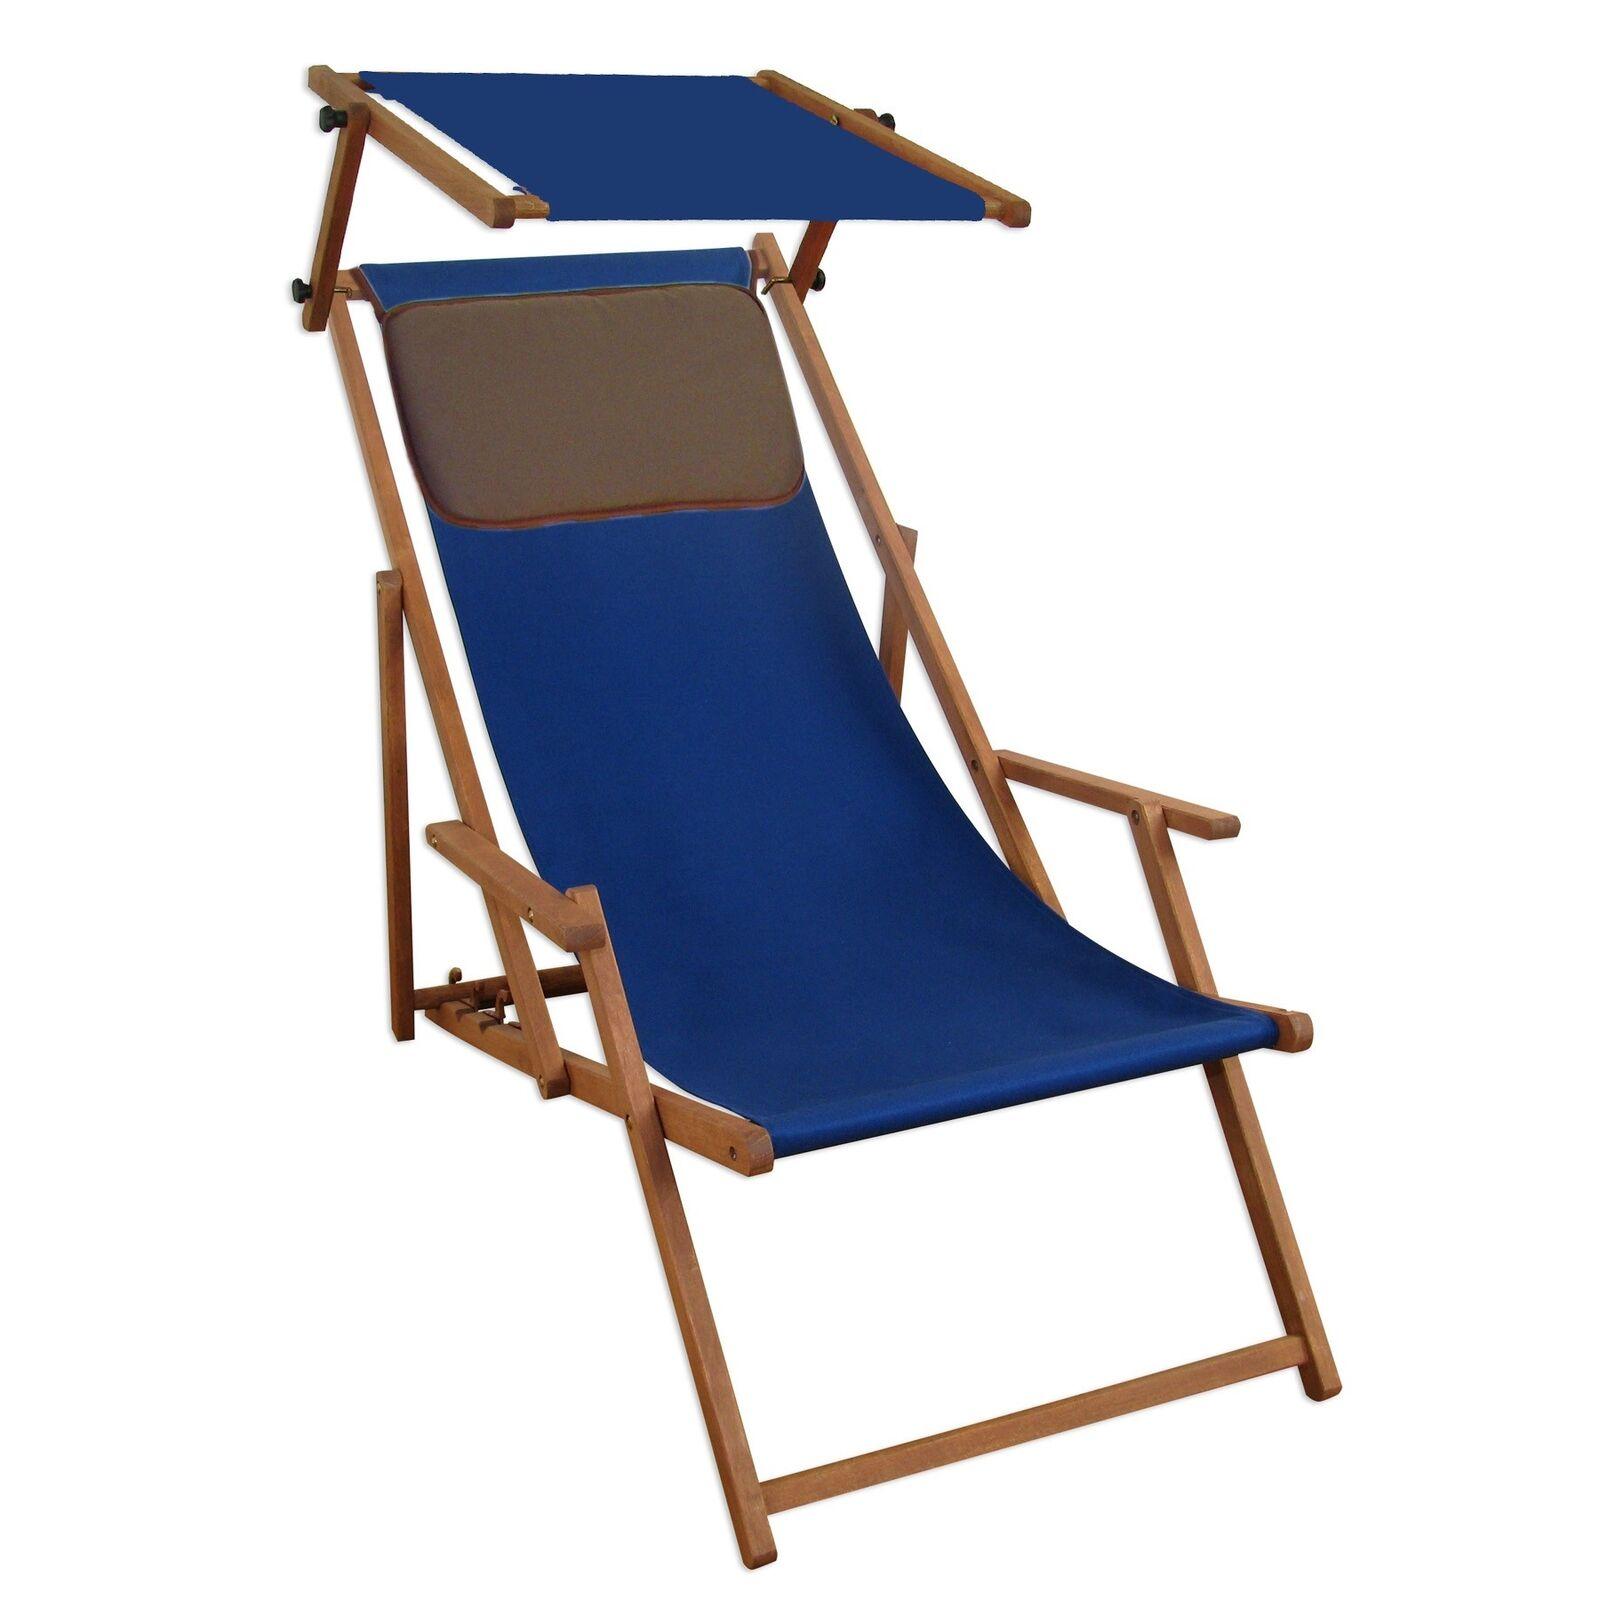 Liegestuhl blau Buche Gartenliege Strandstuhl Sonnendach Kissen 10-307 SKD